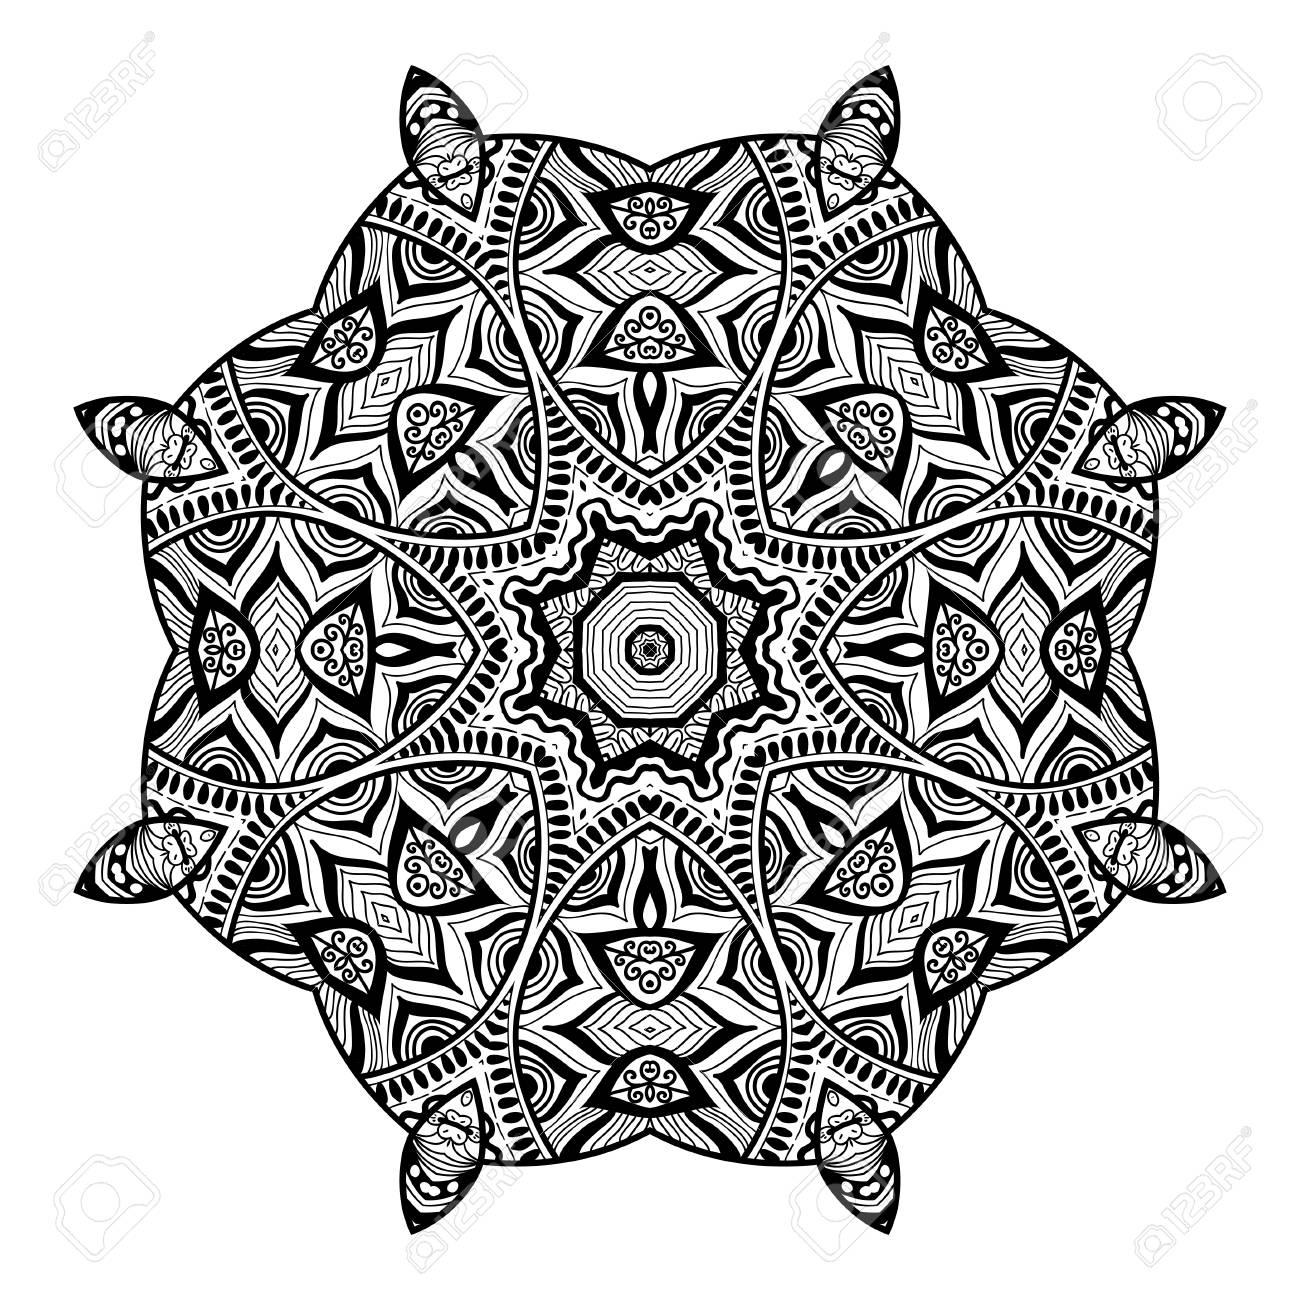 Diseno De La Mandala Dibujado A Mano Hermoso Adorno Dibujo Para